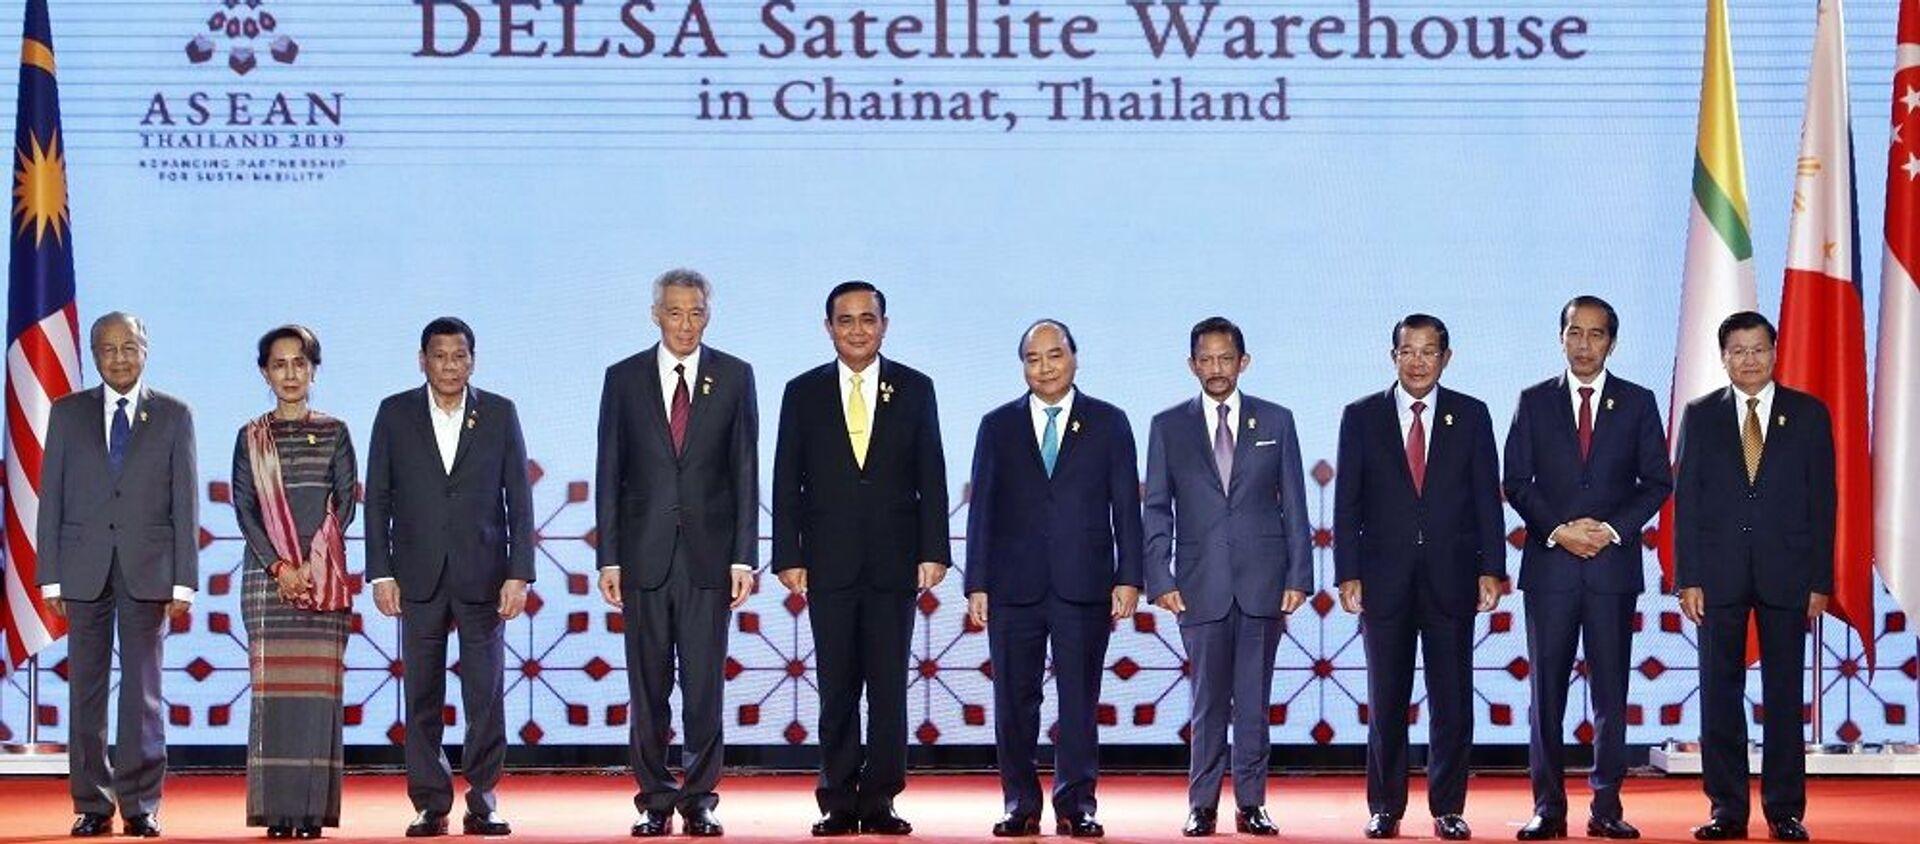 Thủ tướng Nguyễn Xuân Phúc dự khai mạc Hội nghị cấp cao ASEAN lần thứ 34 - Sputnik Việt Nam, 1920, 24.06.2019